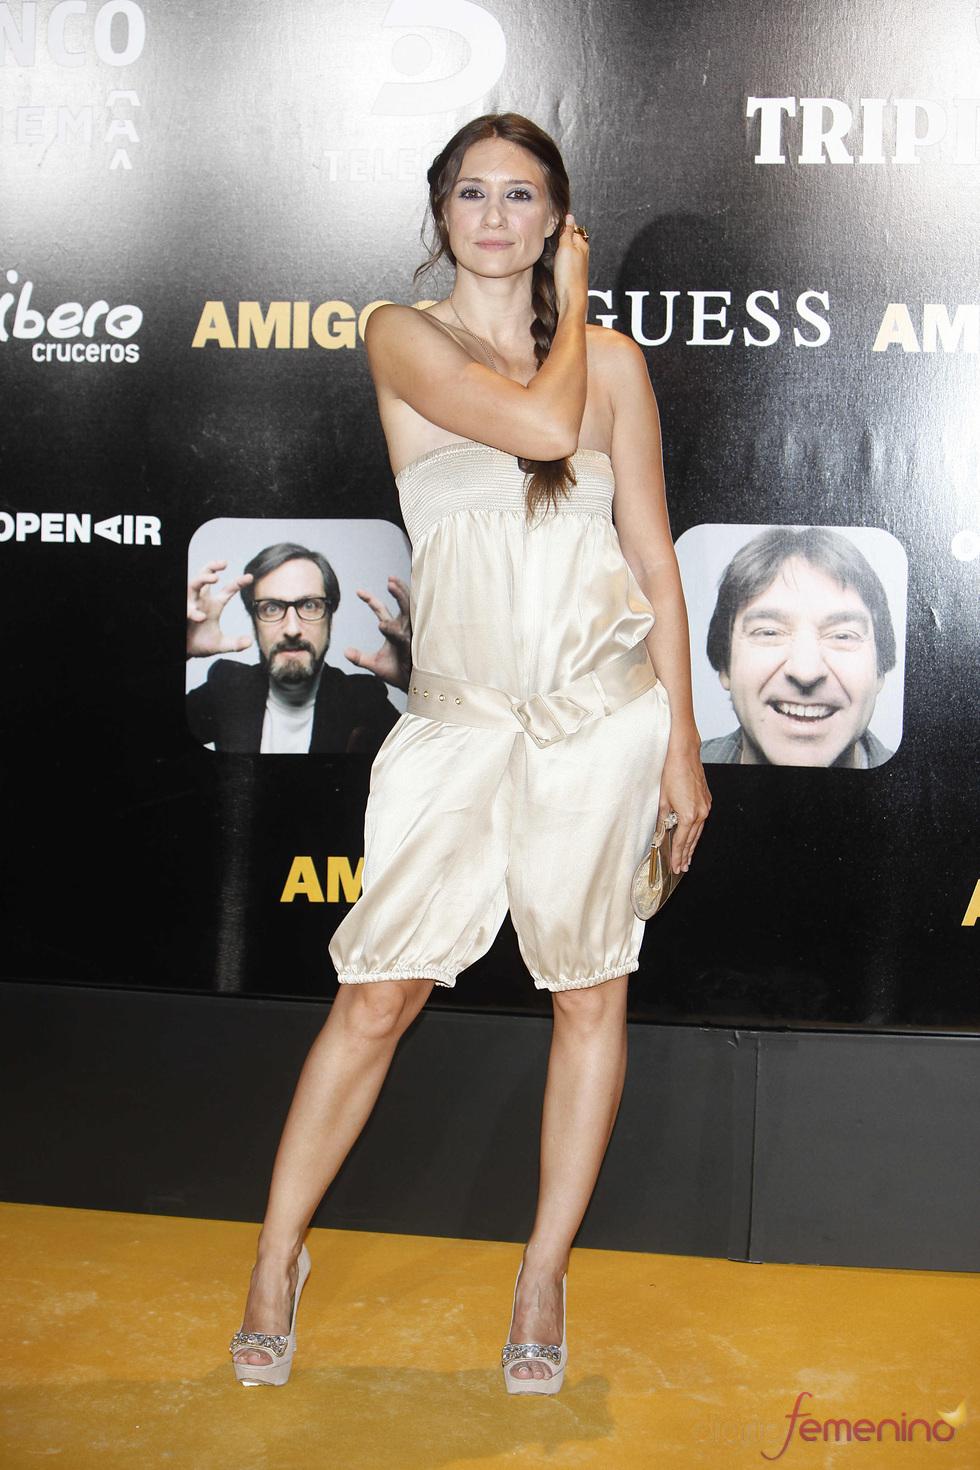 La actriz Elena Botto en el estreno de la película 'Amigos'